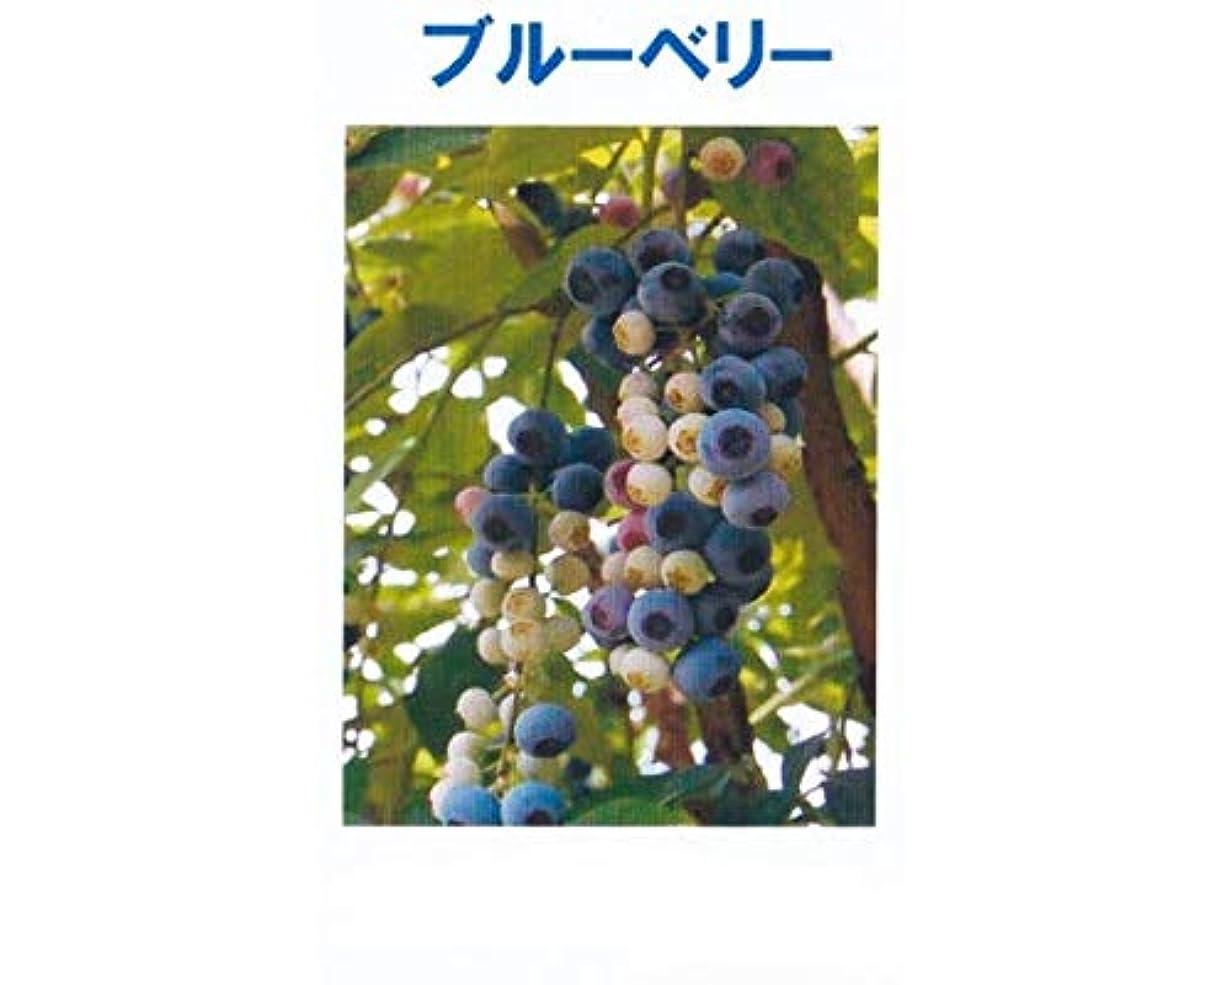 ドットラジエーターピンポイントアロマオイル ブルーベリー 5ml エッセンシャルオイル 100%天然成分